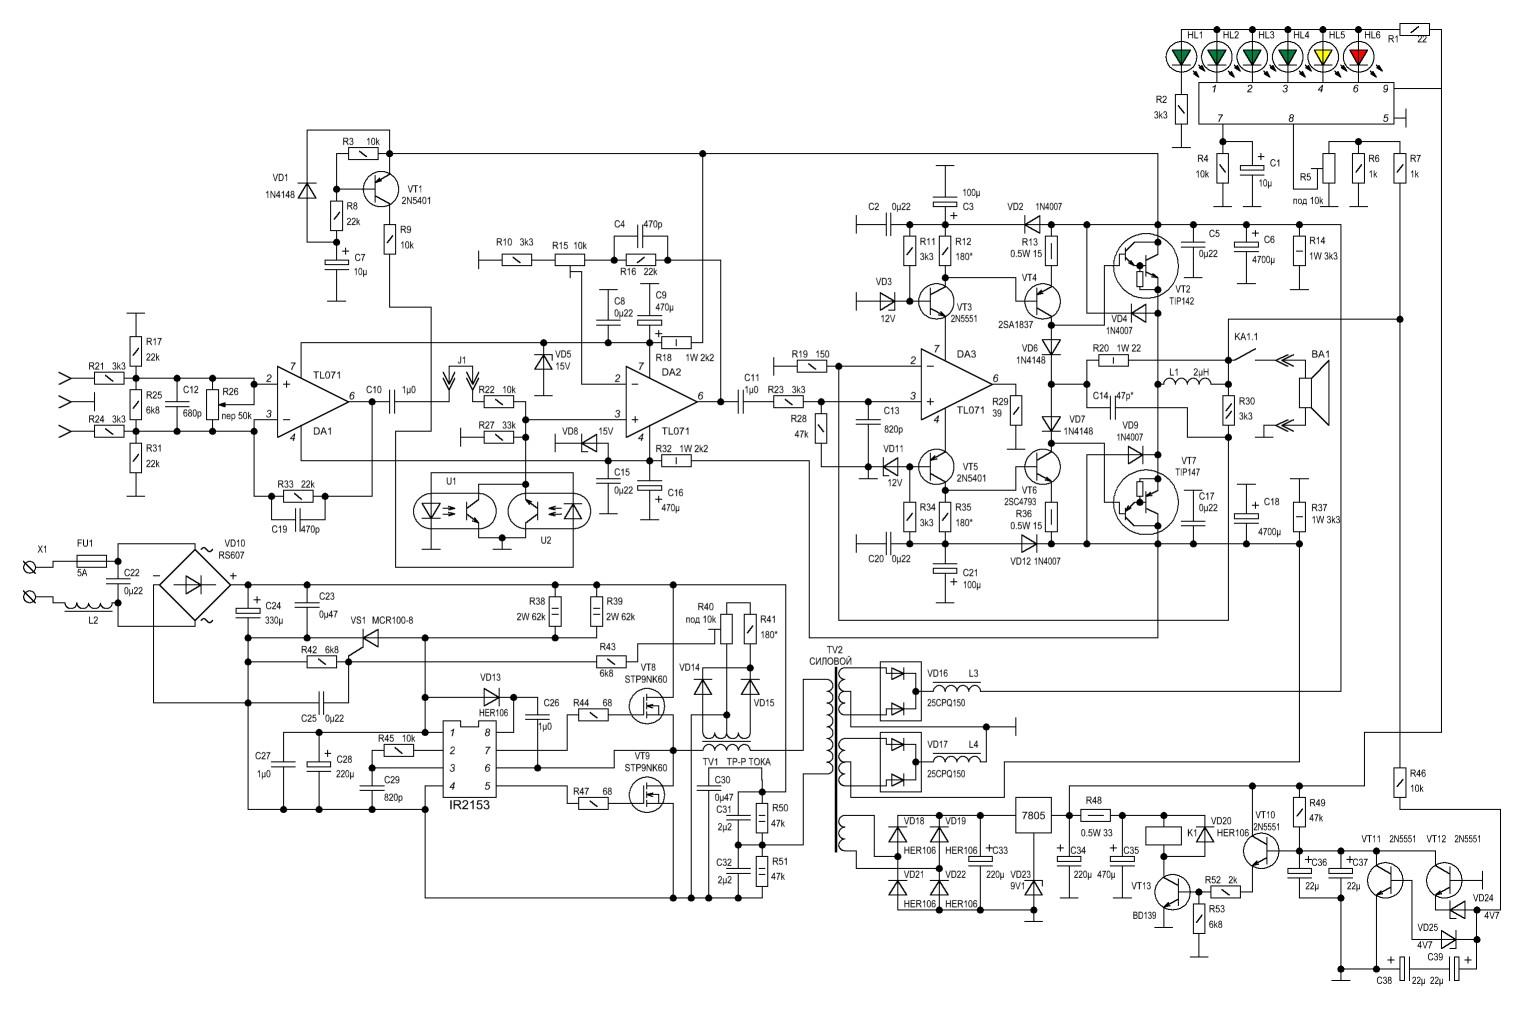 Схема подключения реле гидроаккомулятора.  Принципиальная электрическая схема ауди 100 1983 года.